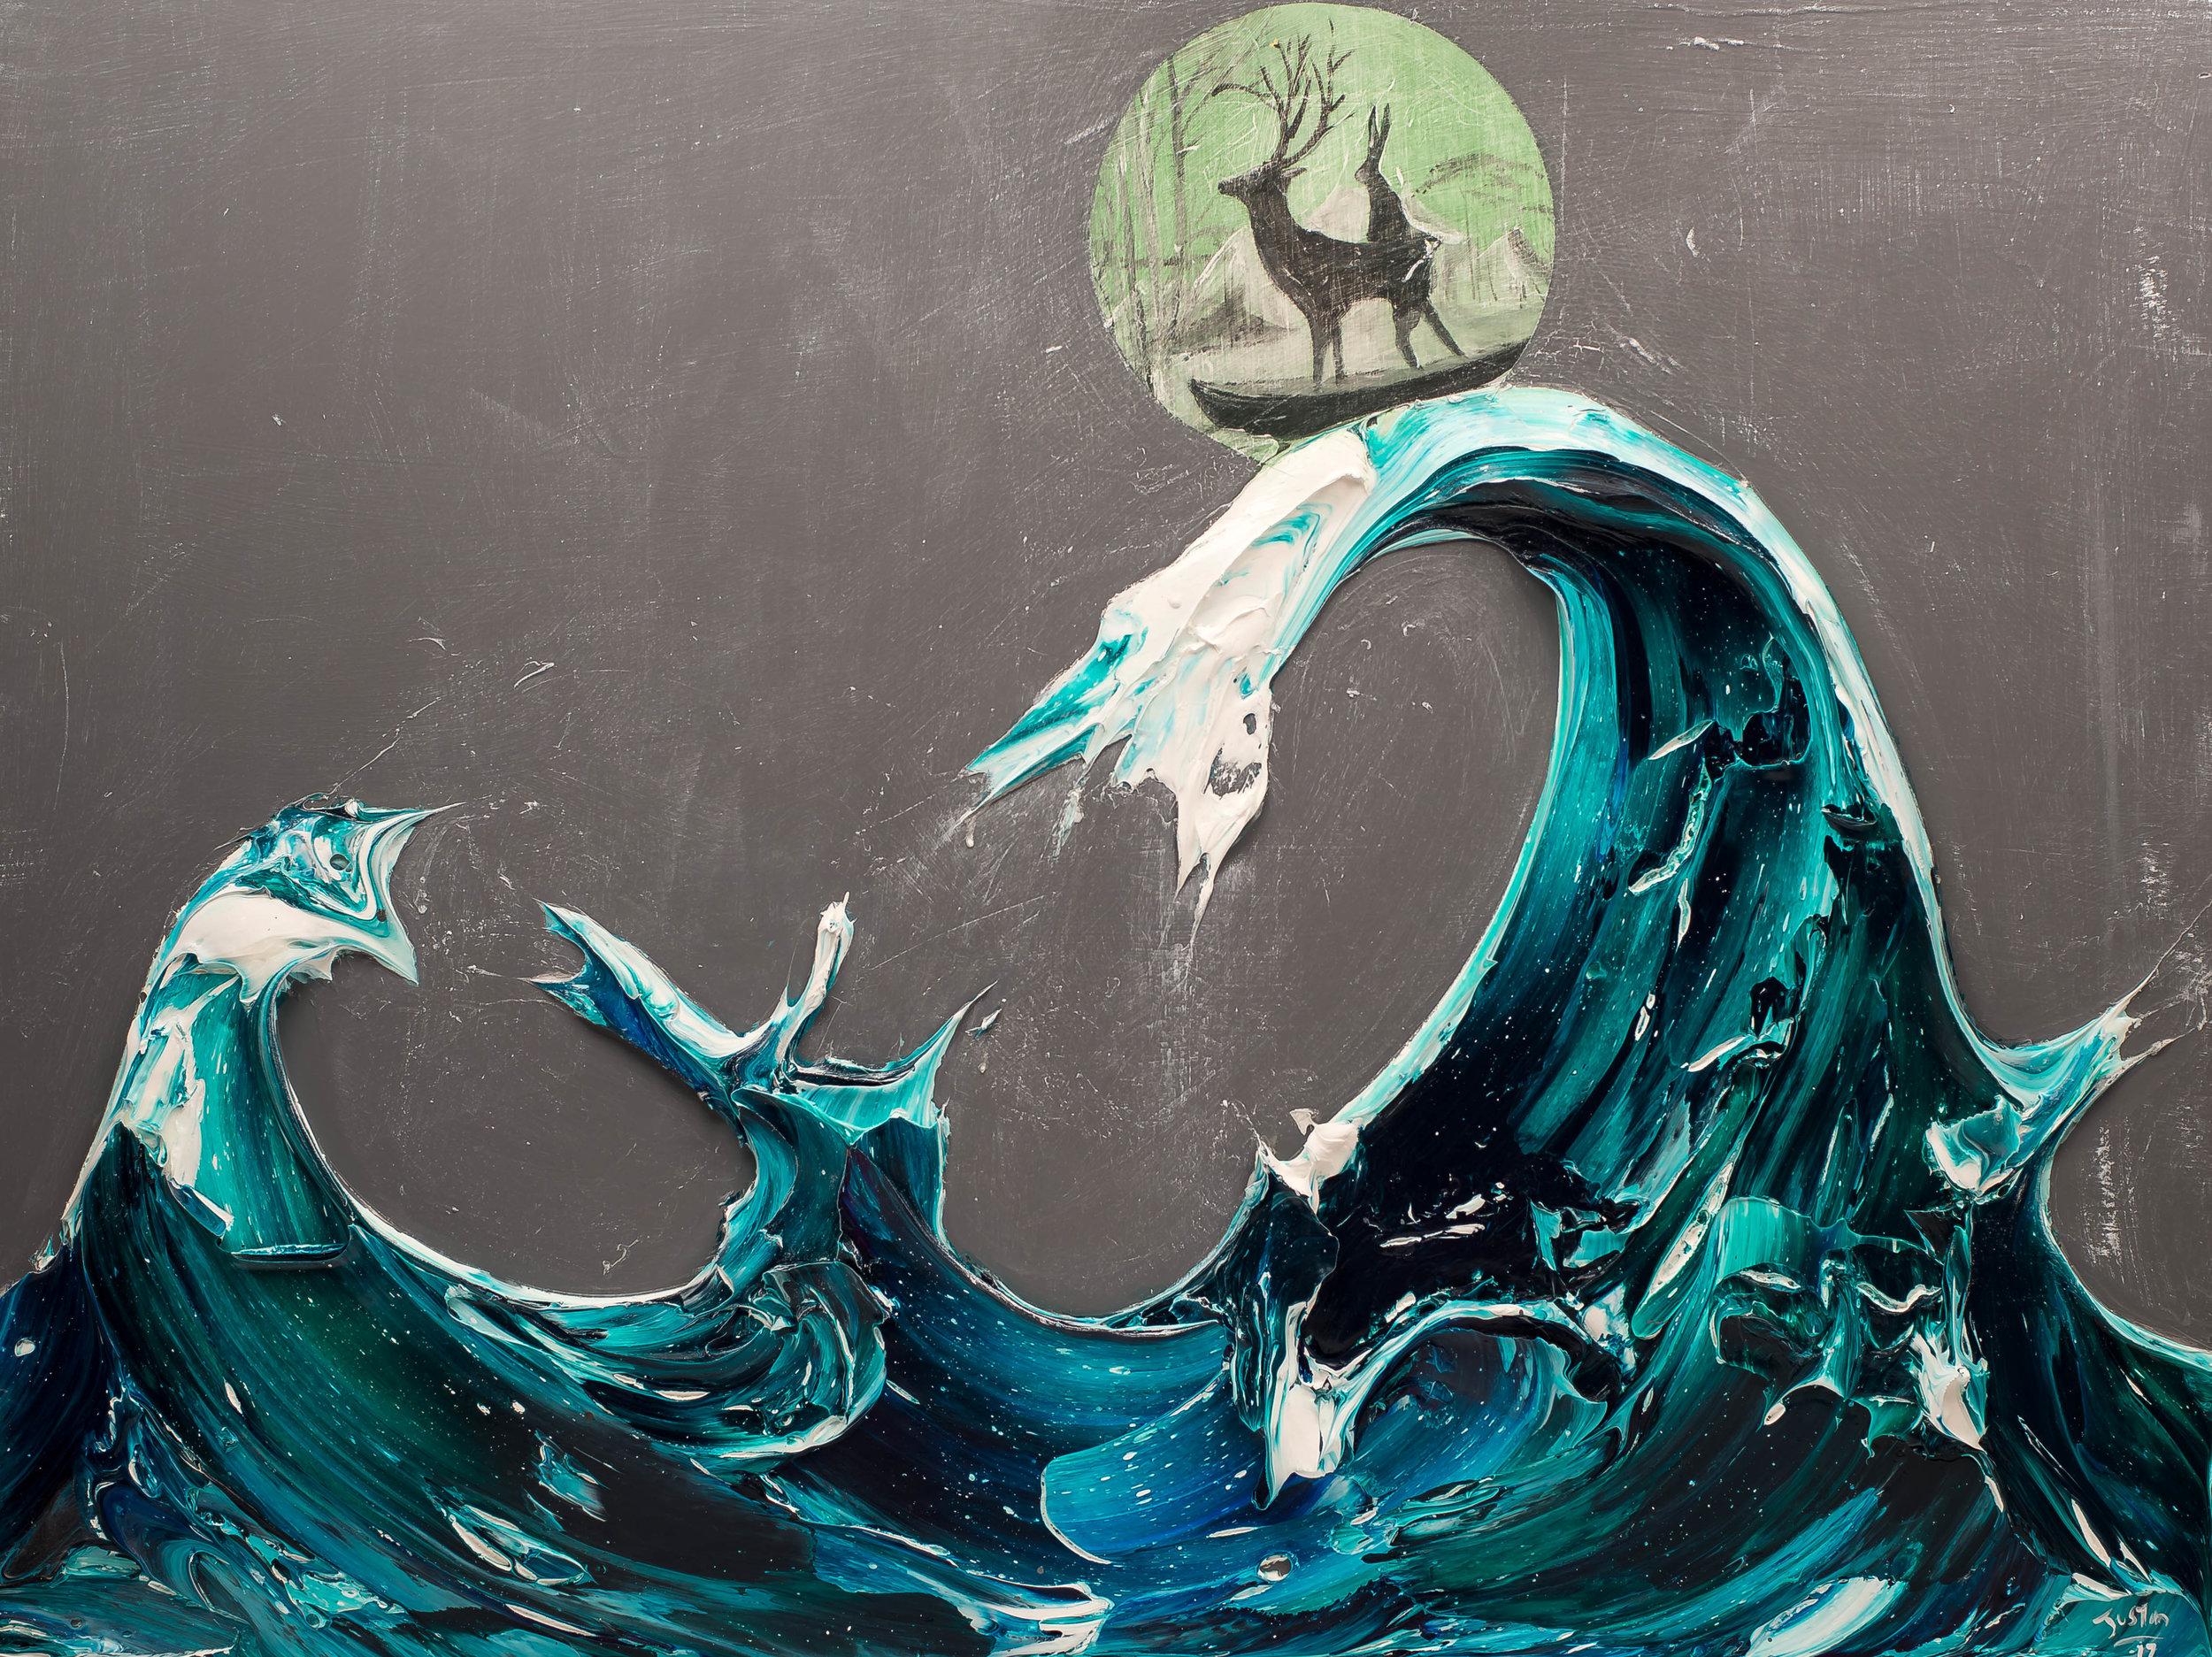 WAVE SERIES 7